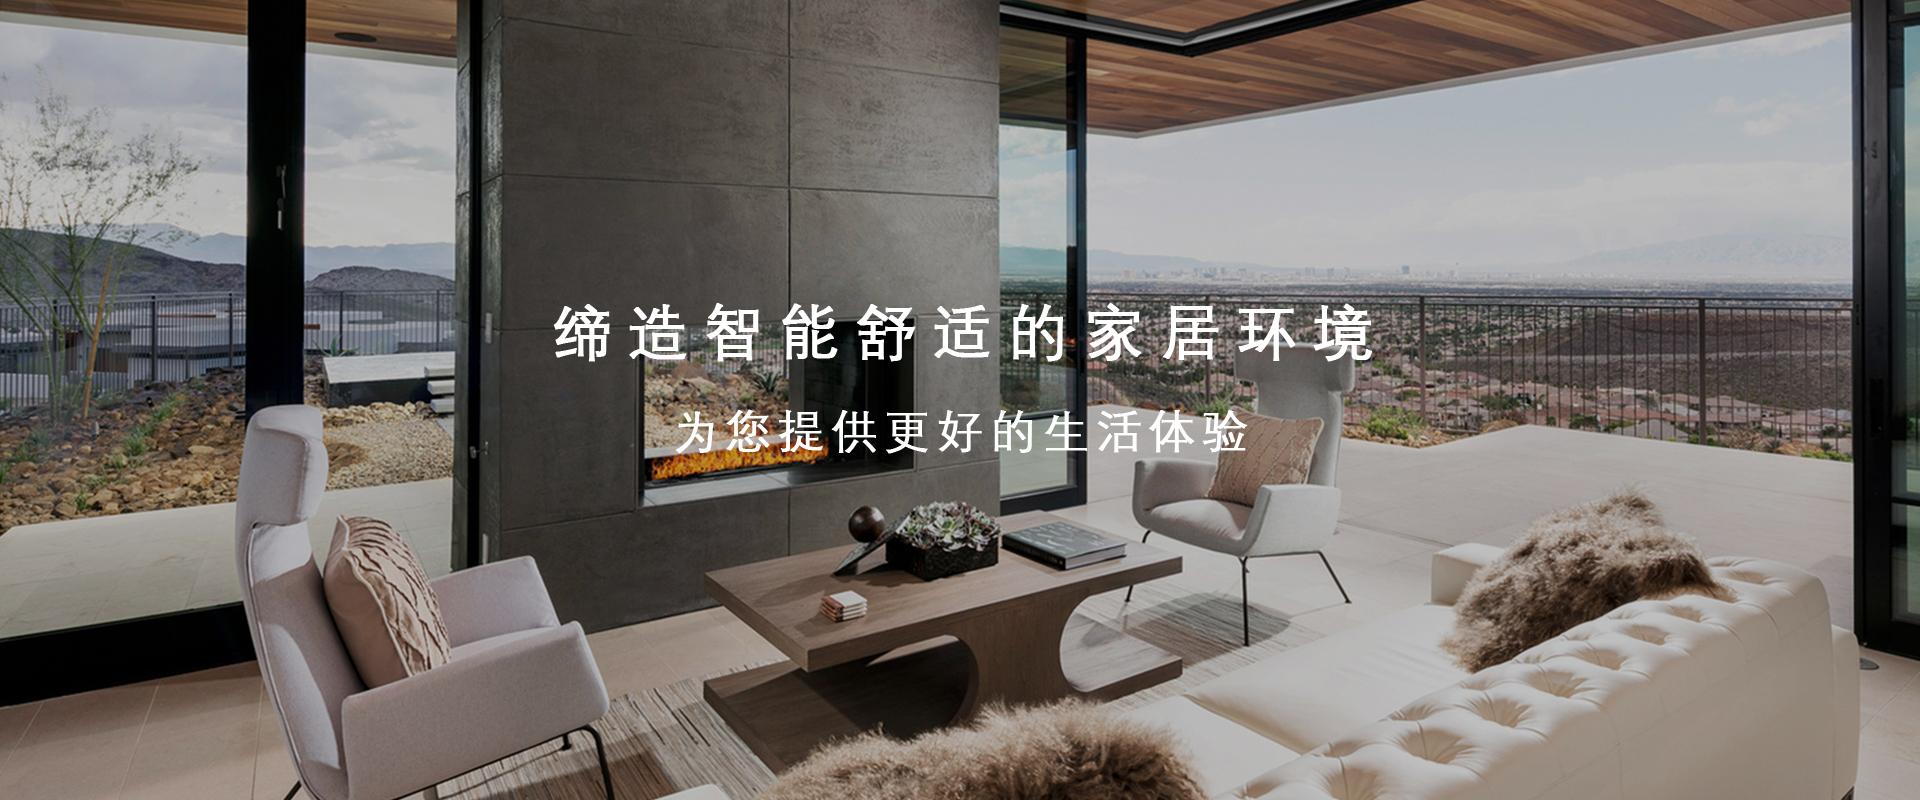 竞博JBOapp下载jbo竞博电竞